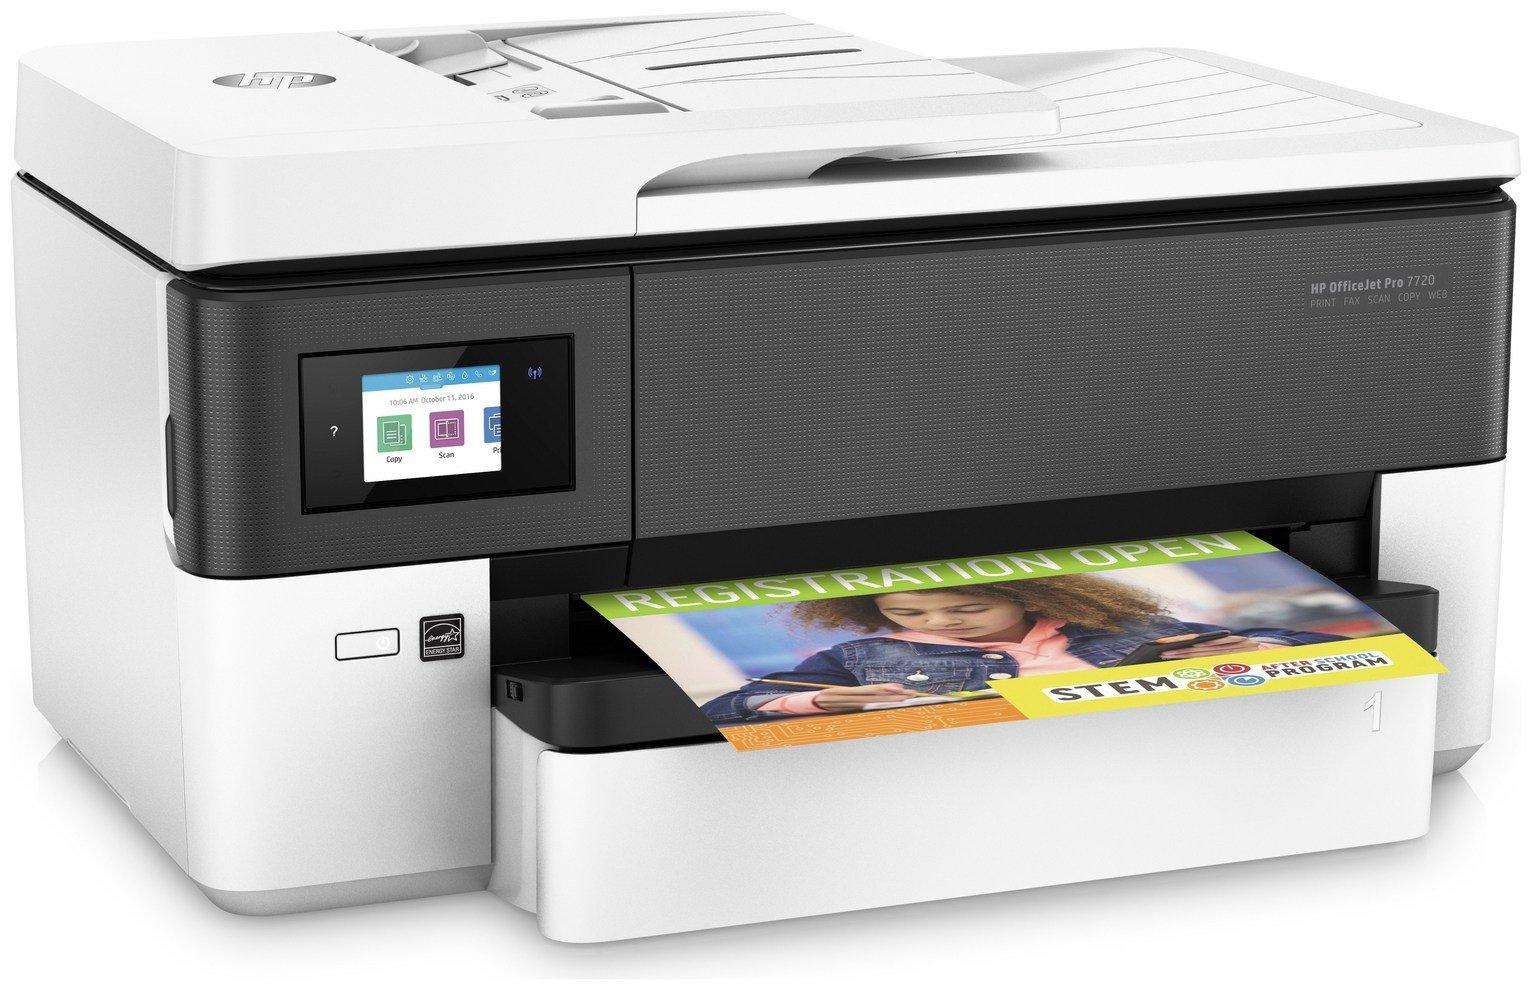 HP OfficeJet Pro 7720 A3 Wireless Inkjet Printer